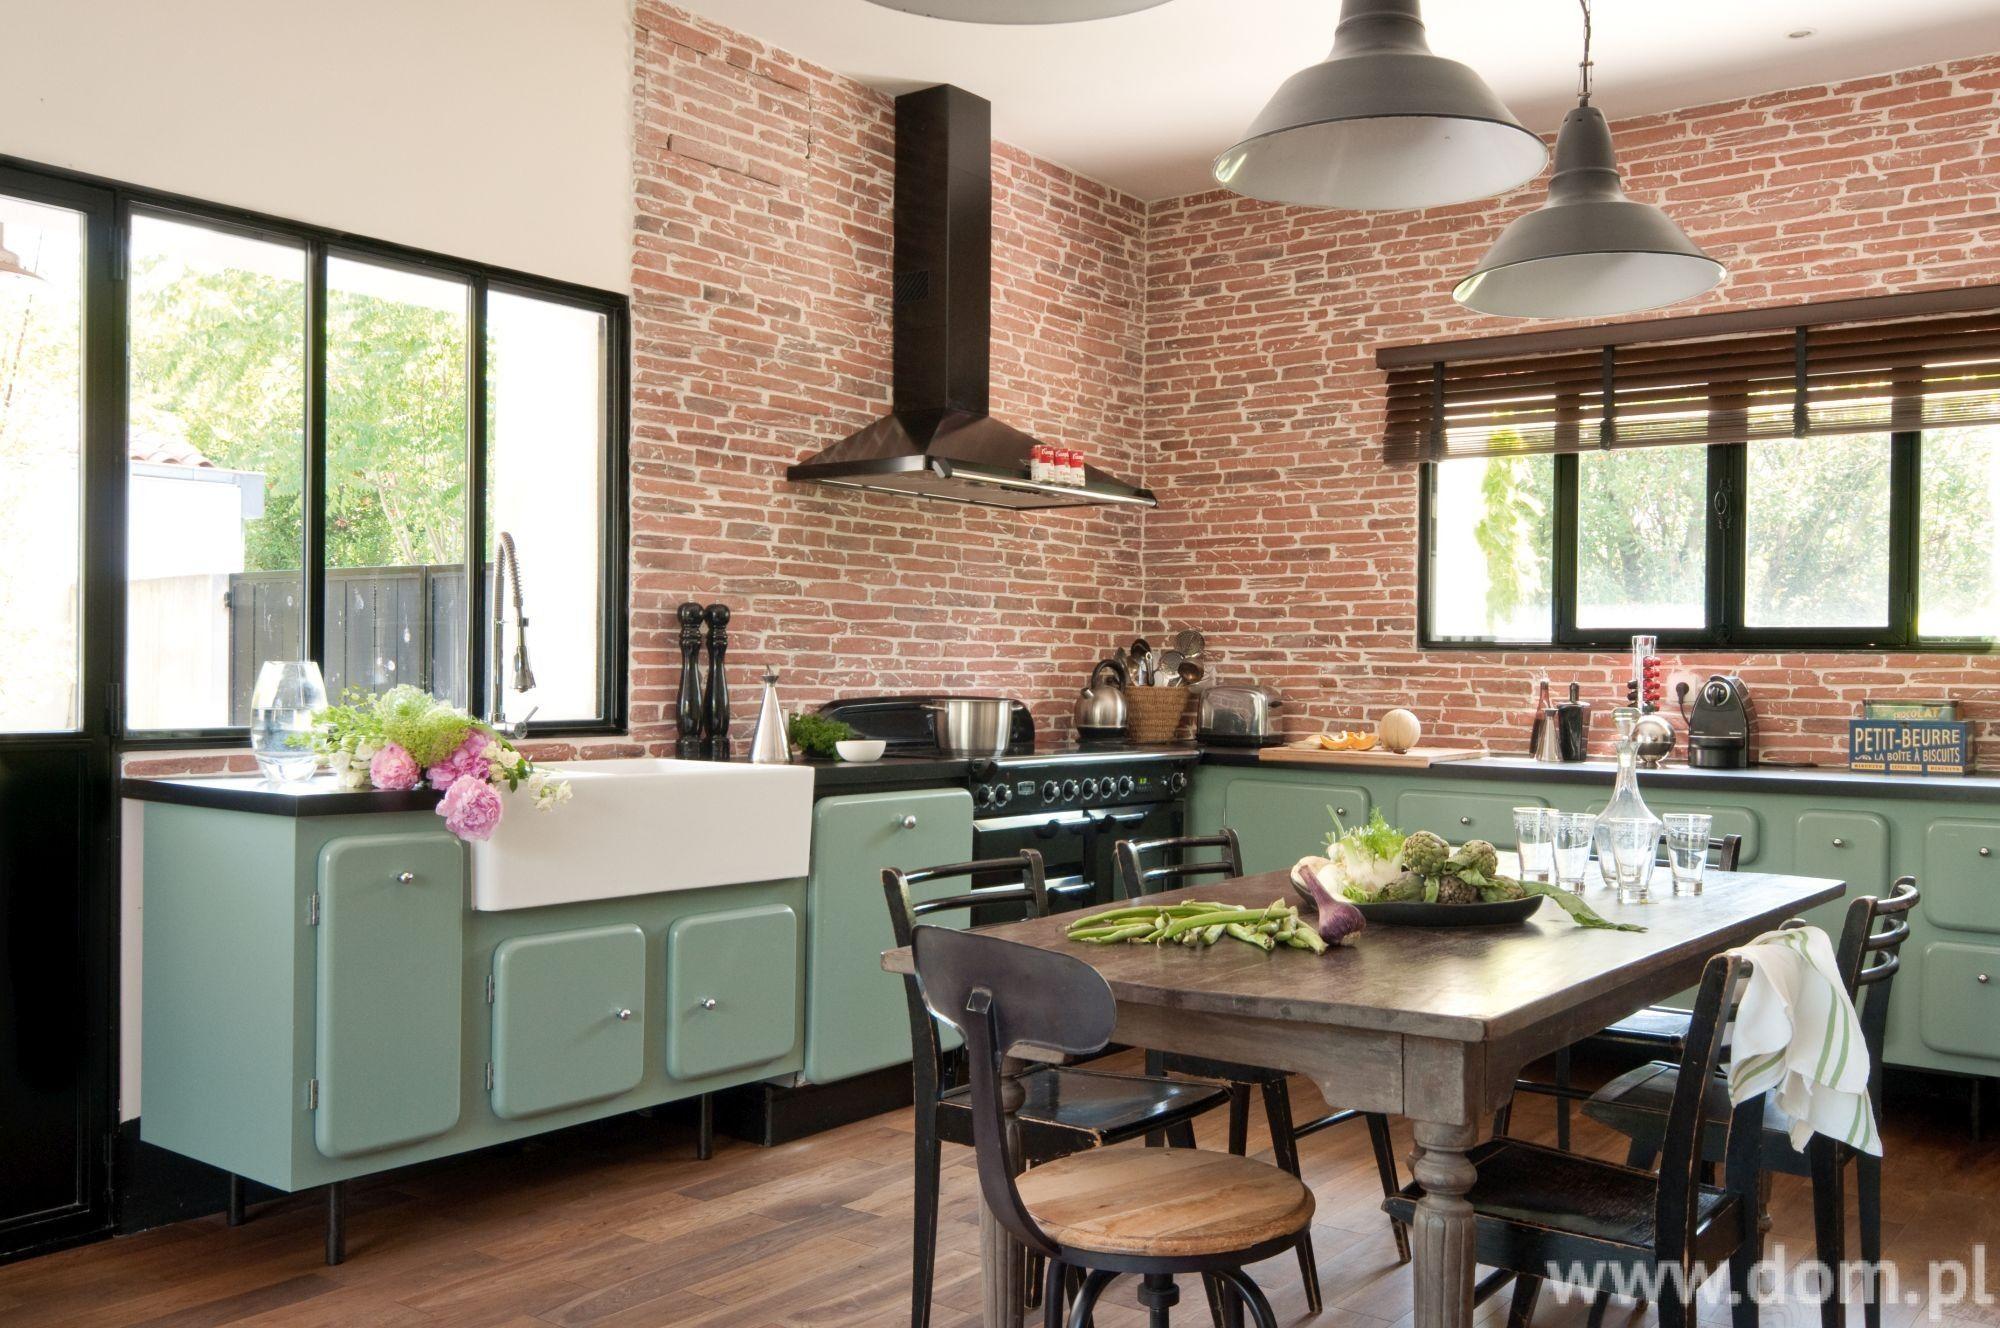 Kuchnia W Lofcie Pomysl Na Urzadzenie Kuchni W Loftowym Stylu Brick Kitchen Kitchen Retro